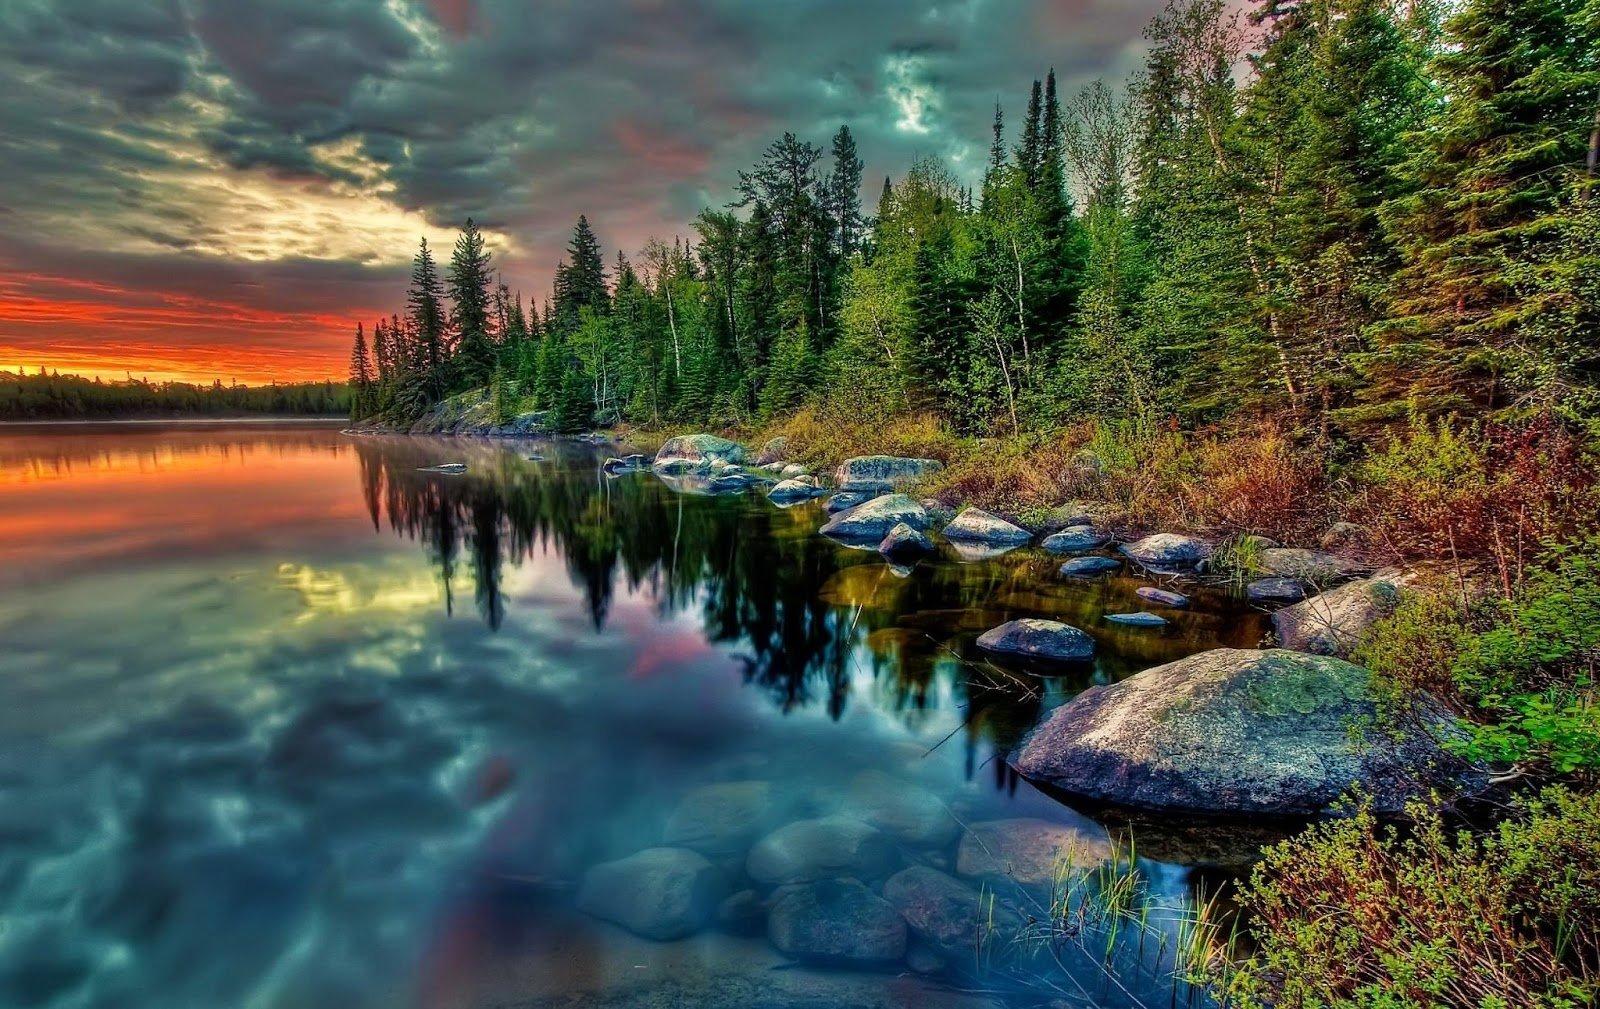 Hd Nature Wallpapers 1080p - WallpaperSafari